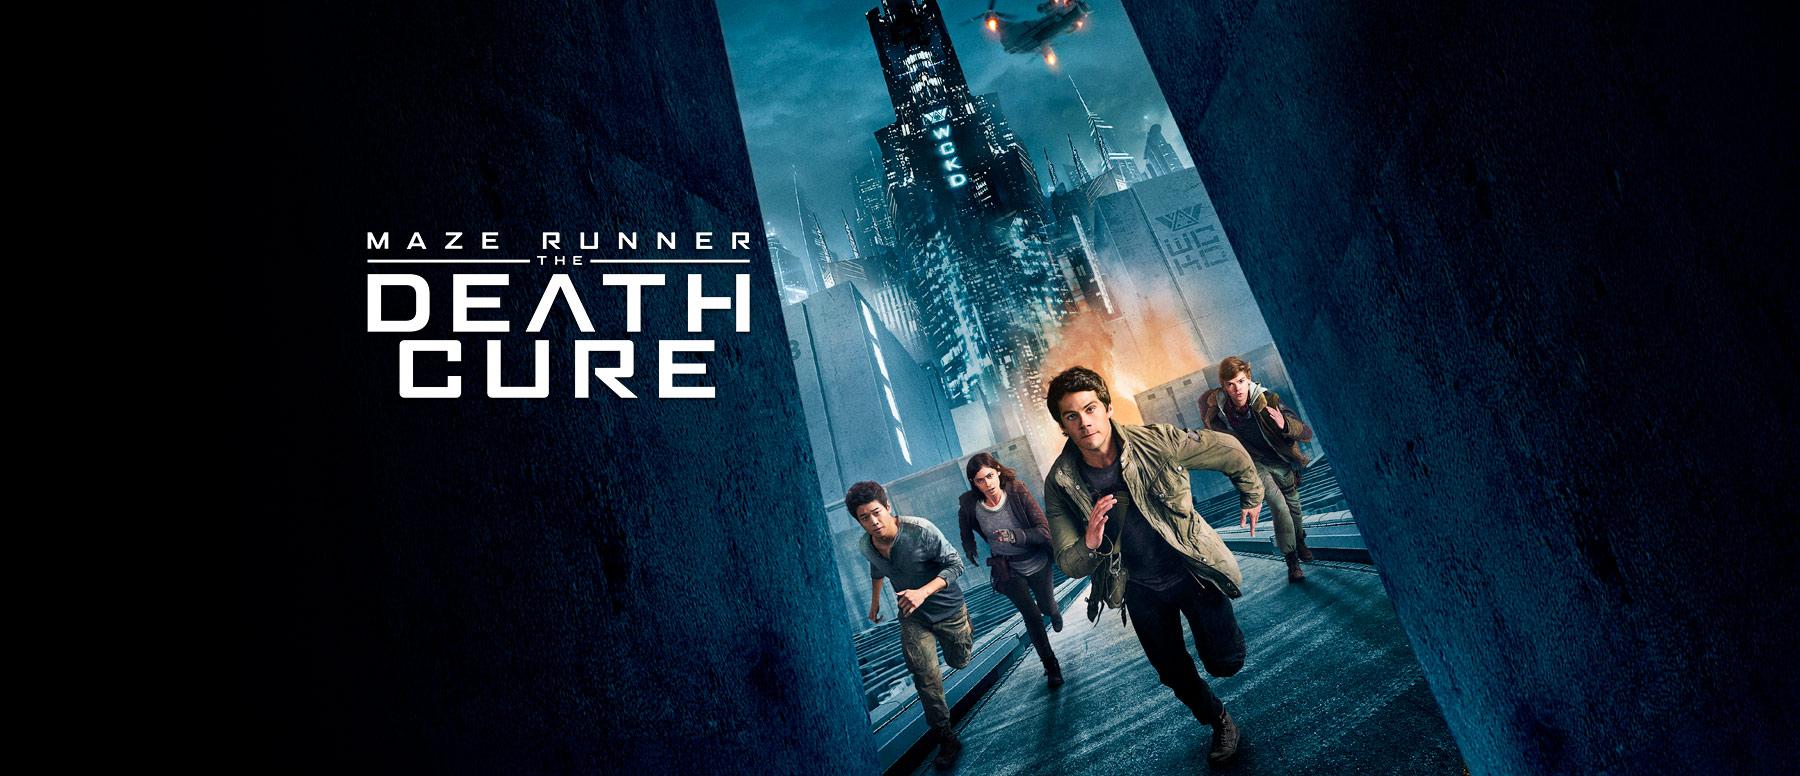 review novel film maze runner 3